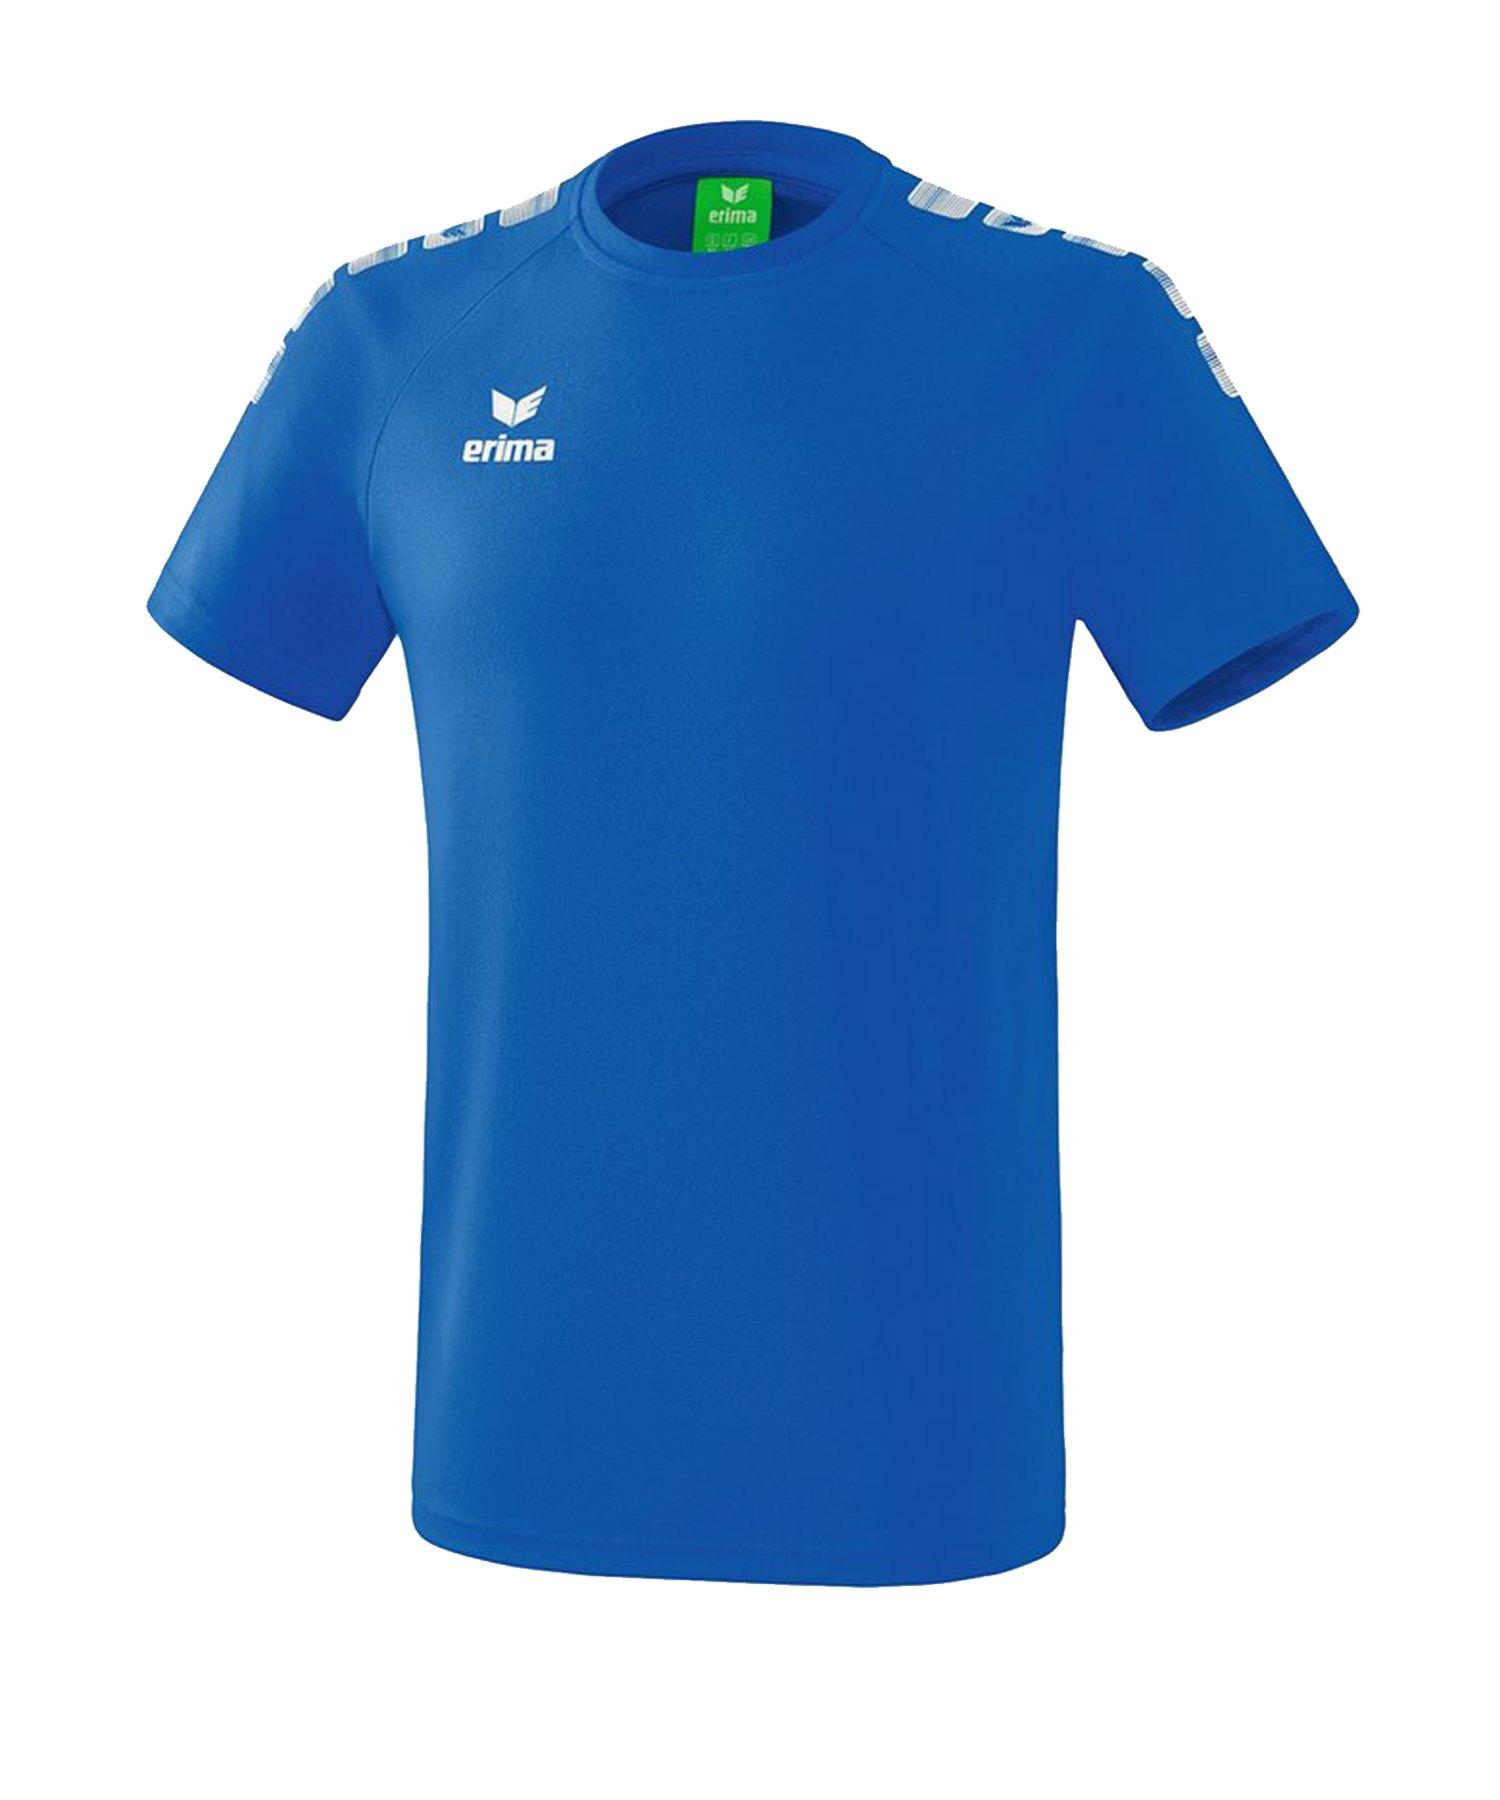 Erima Essential 5-C T-Shirt Blau Weiss - Blau